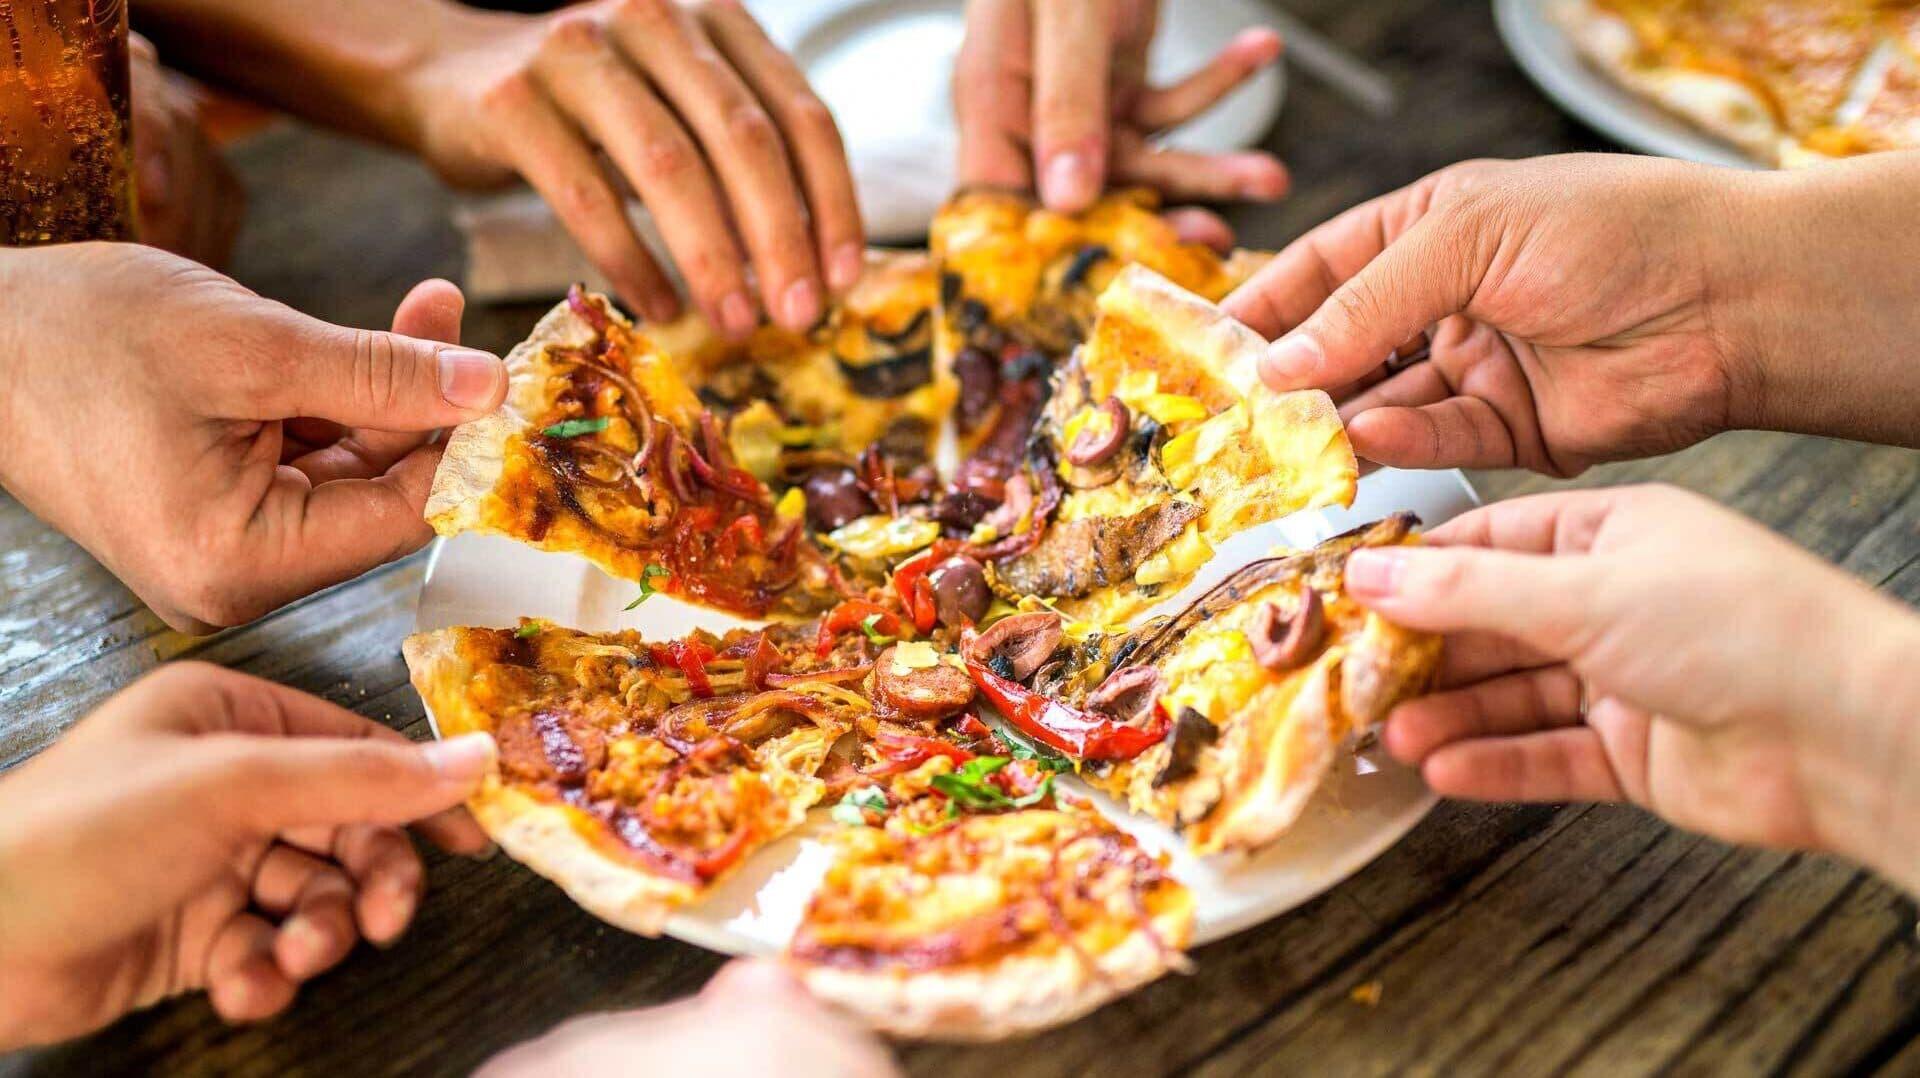 Viele Hände greifen nach einer geschnittenen Pizza